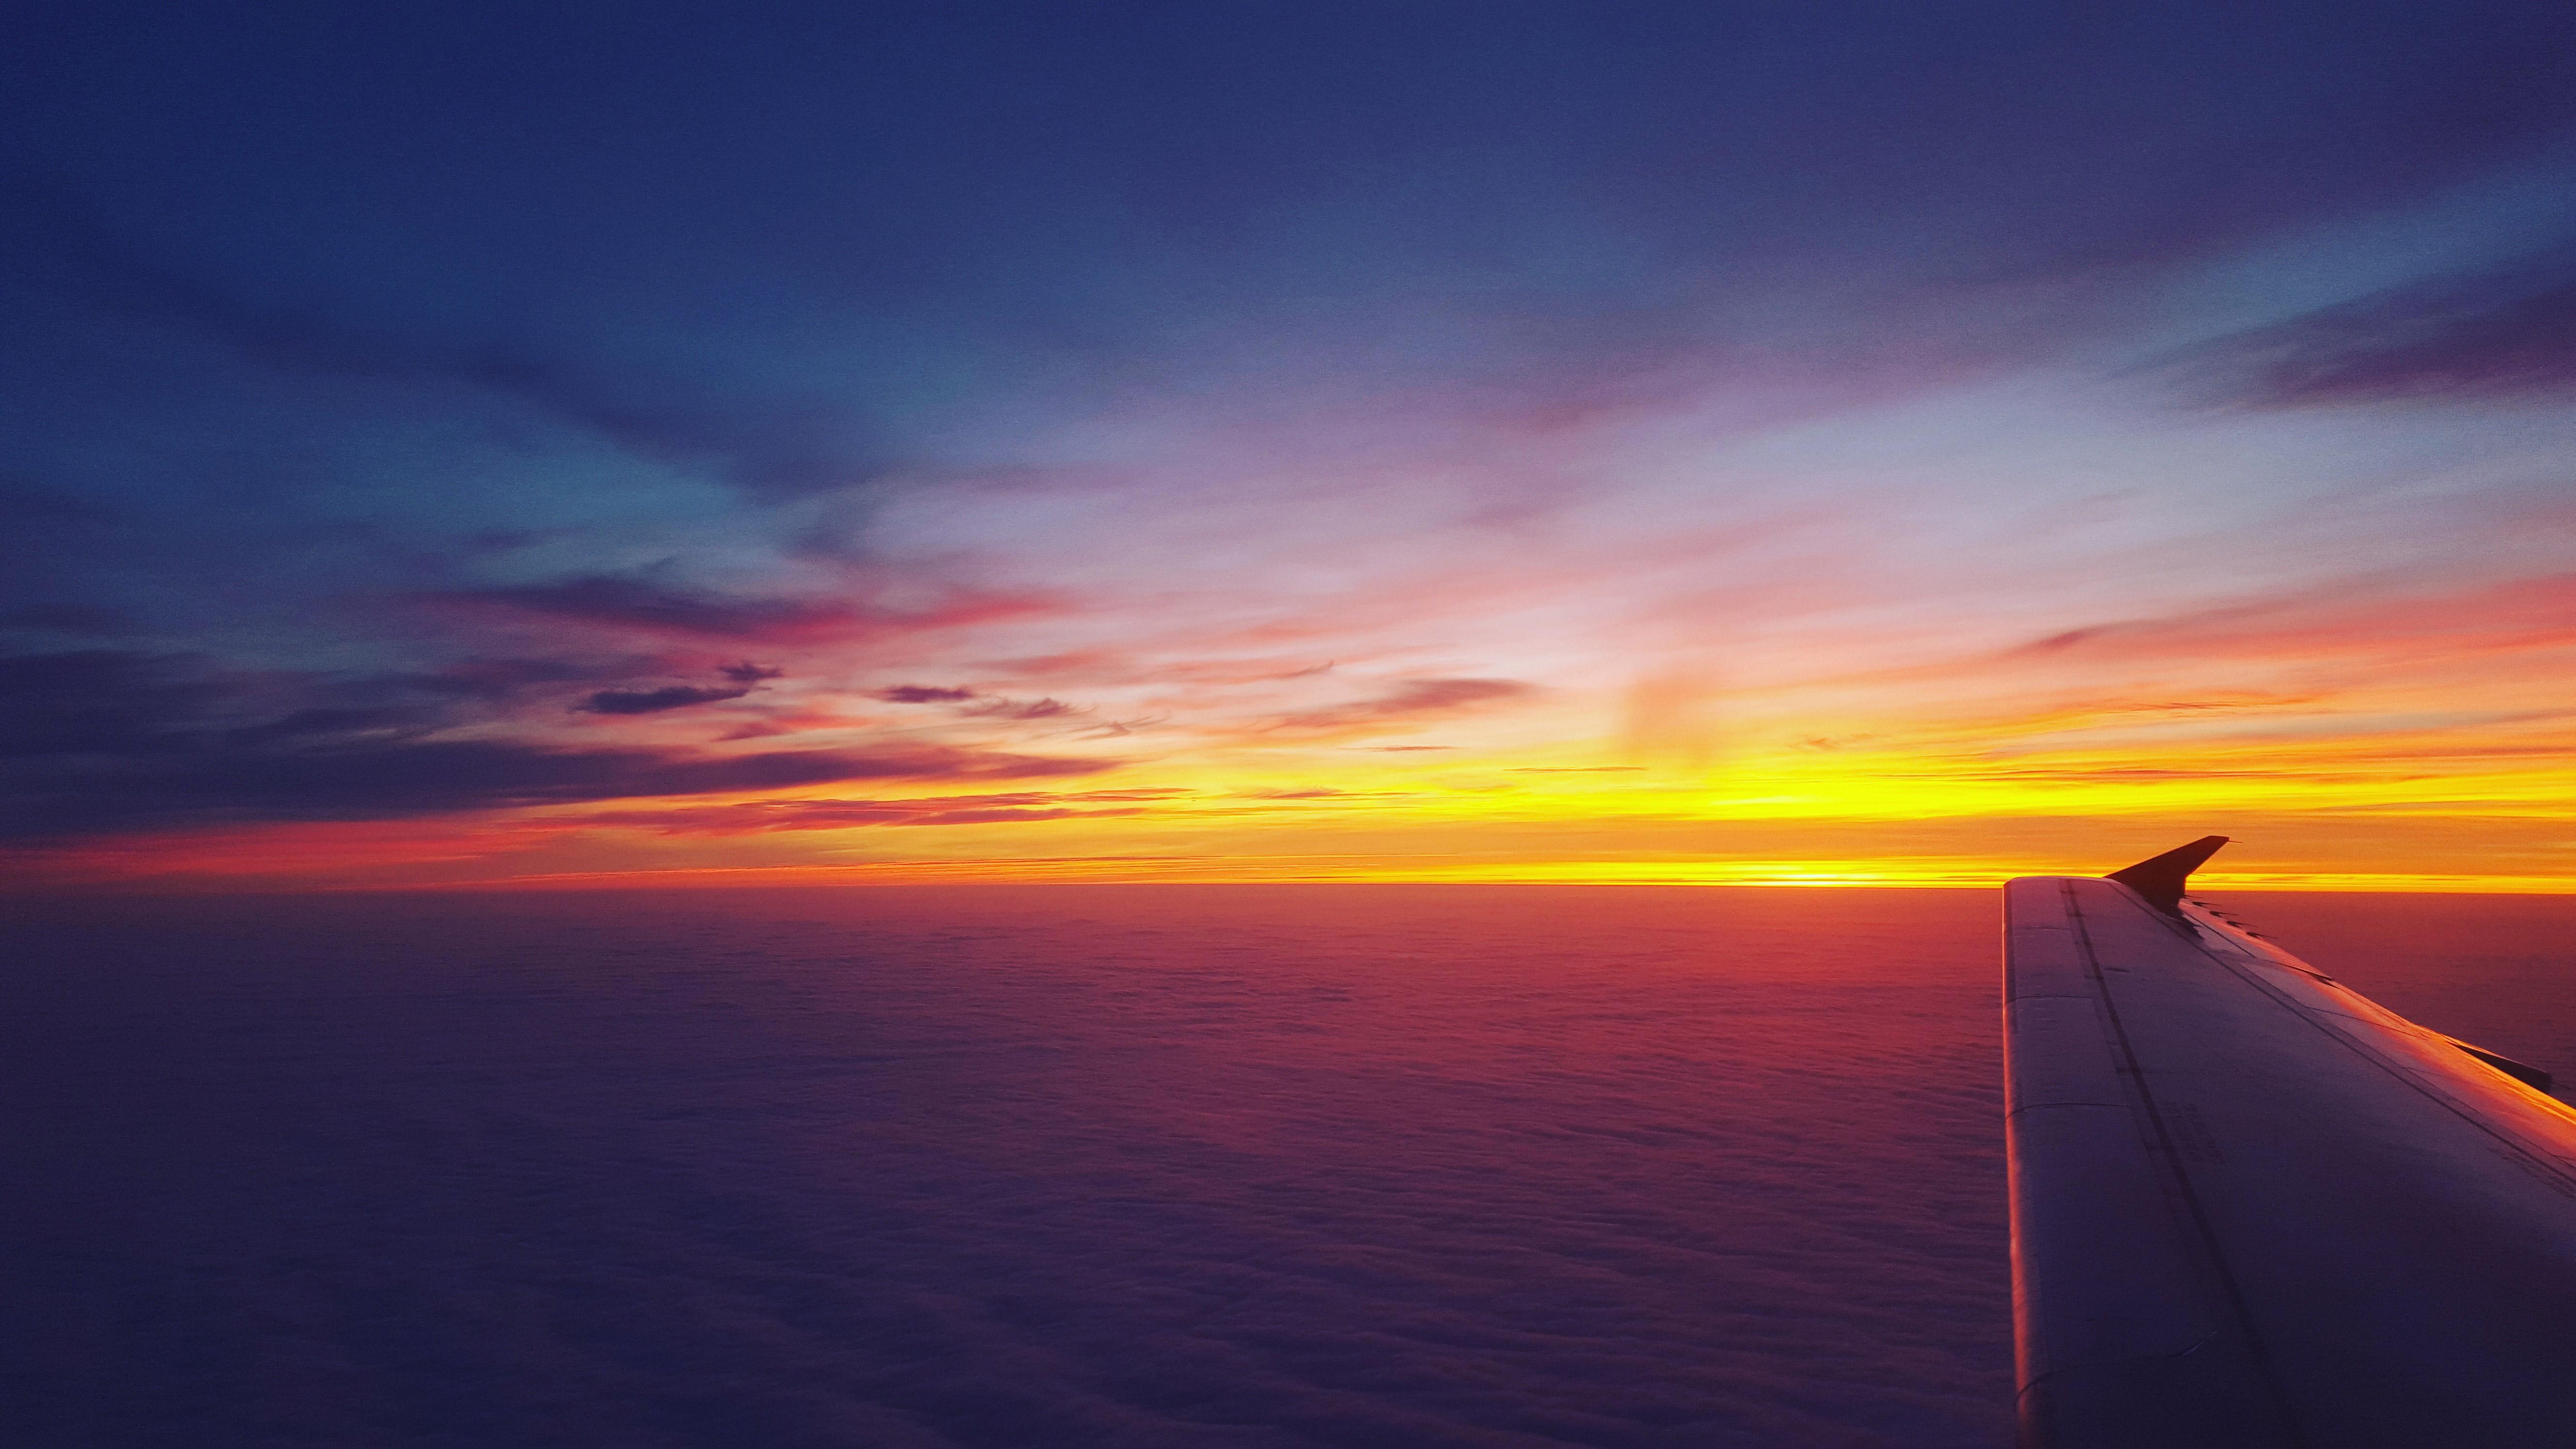 Airplane Dawn Dusk Flight Sunrise Sky, HD Planes, 4k